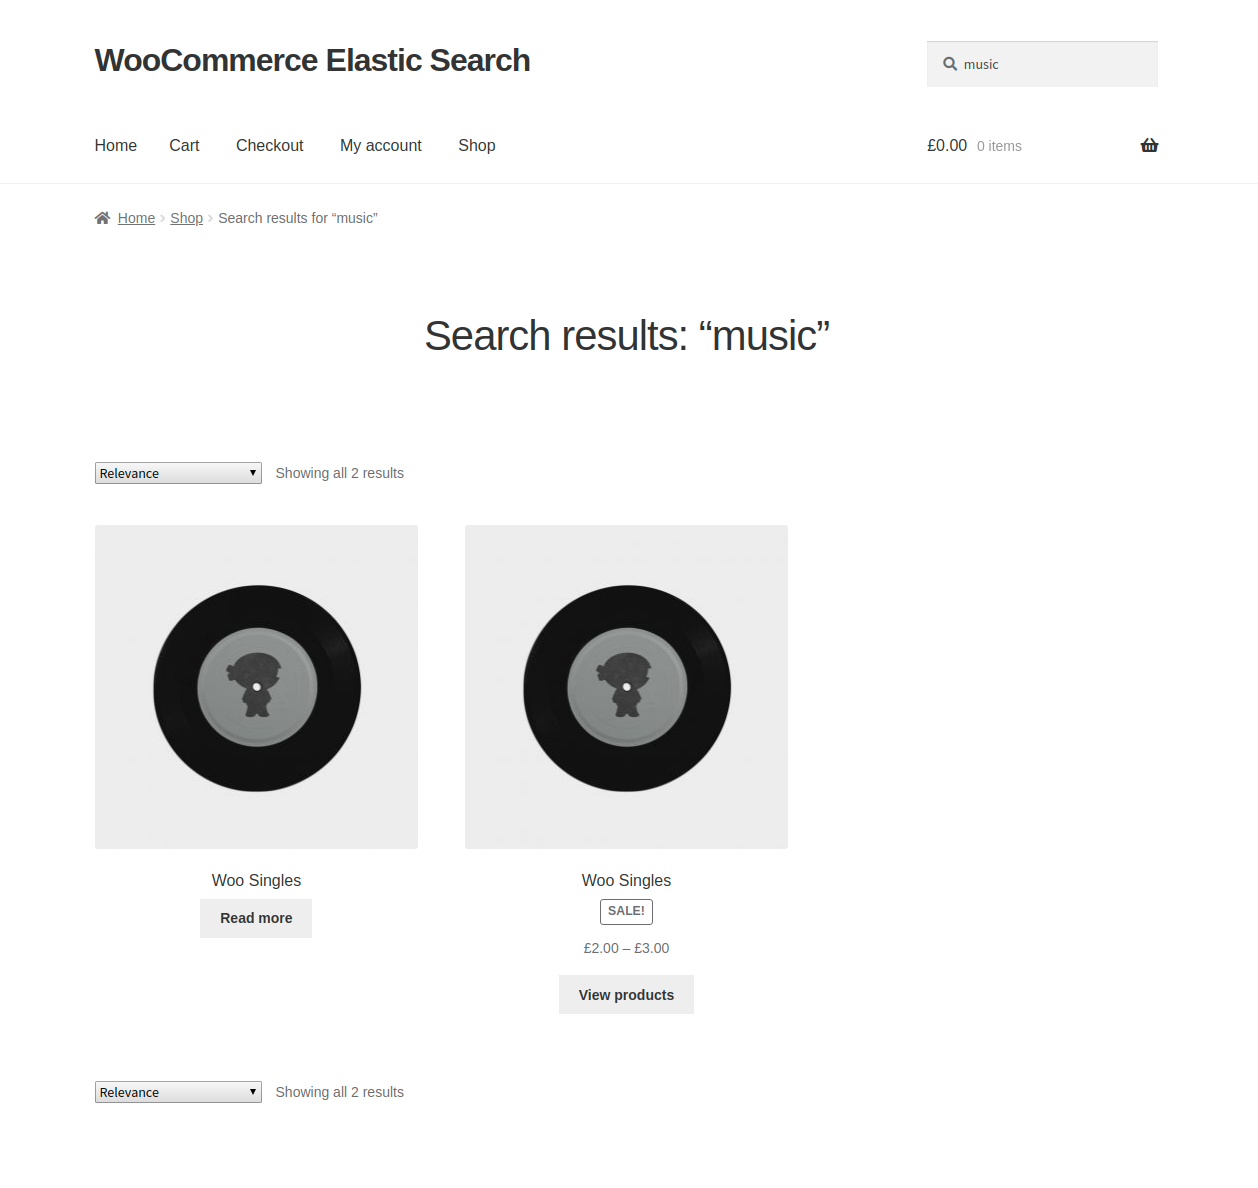 webkul-woocommerce-elasticsearch-synonym-search